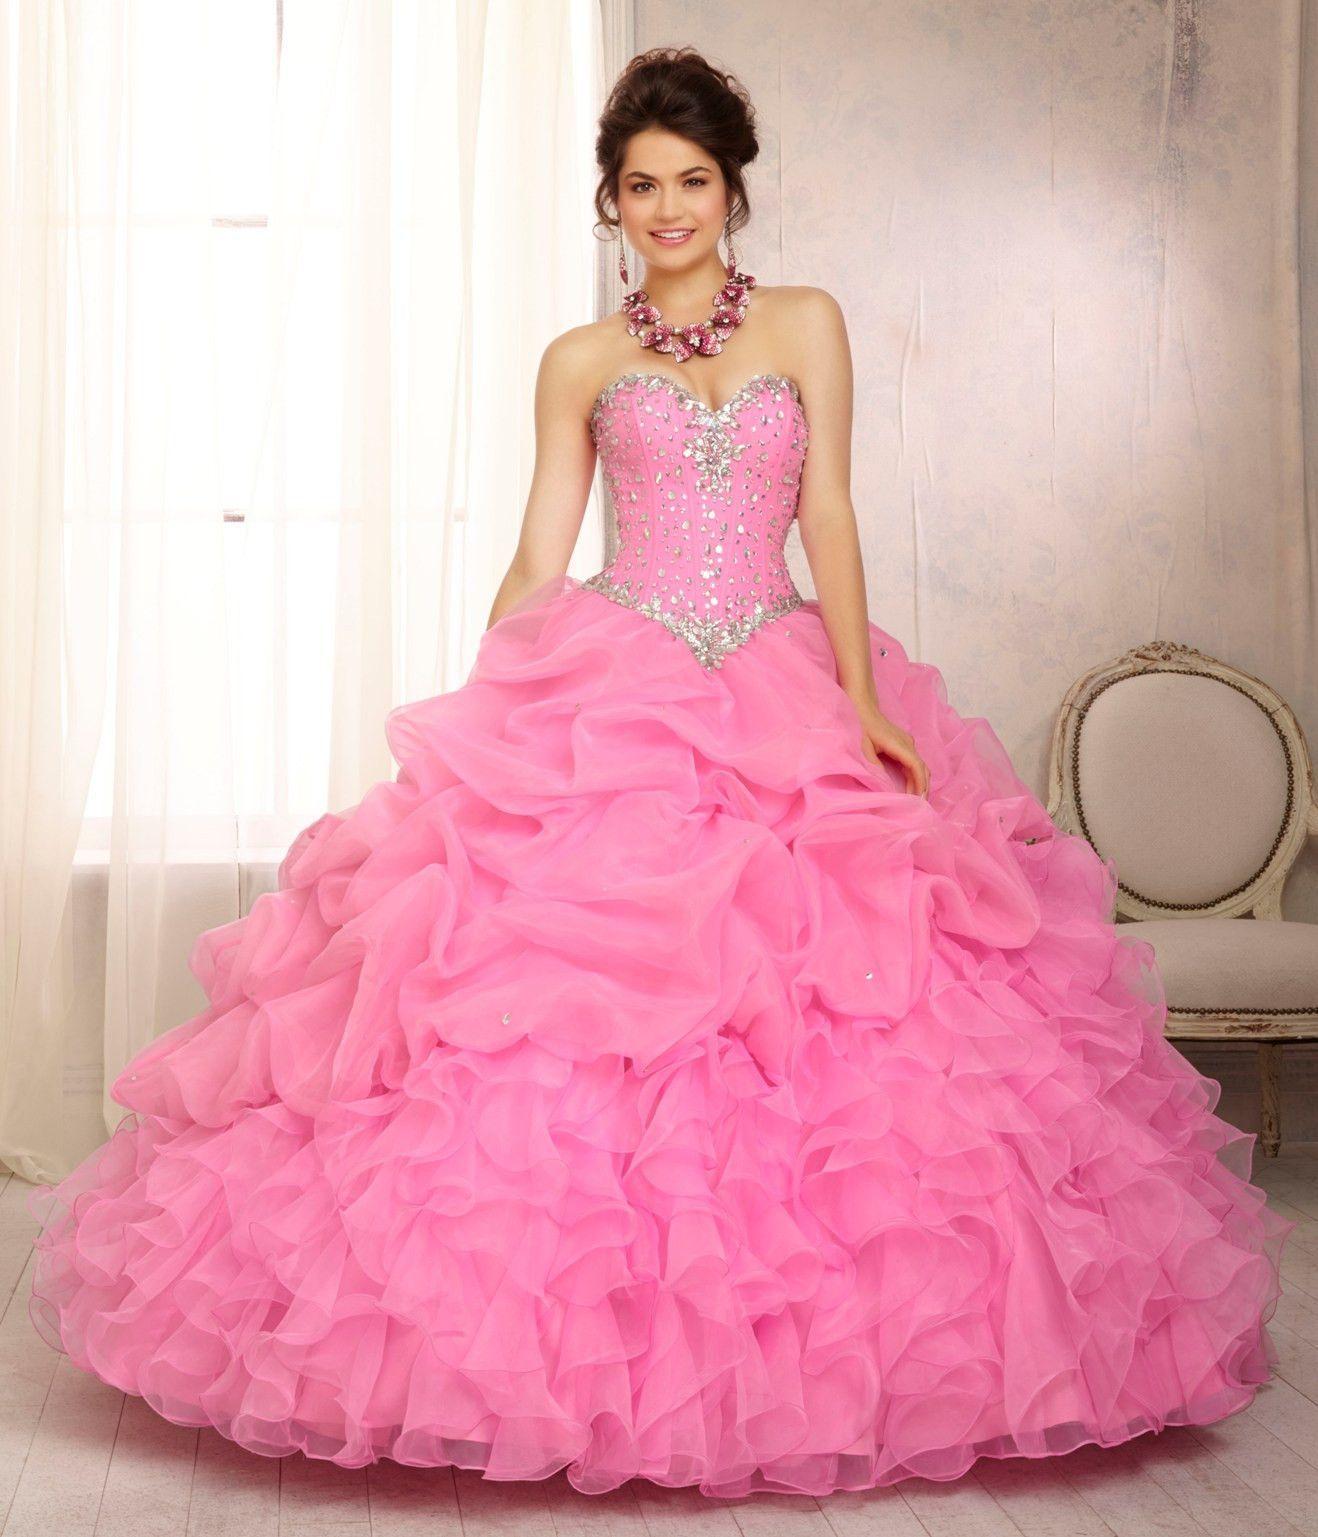 Mori Lee Quinceanera Dress 88083 | Pinterest | 15 años, Vestiditos y ...